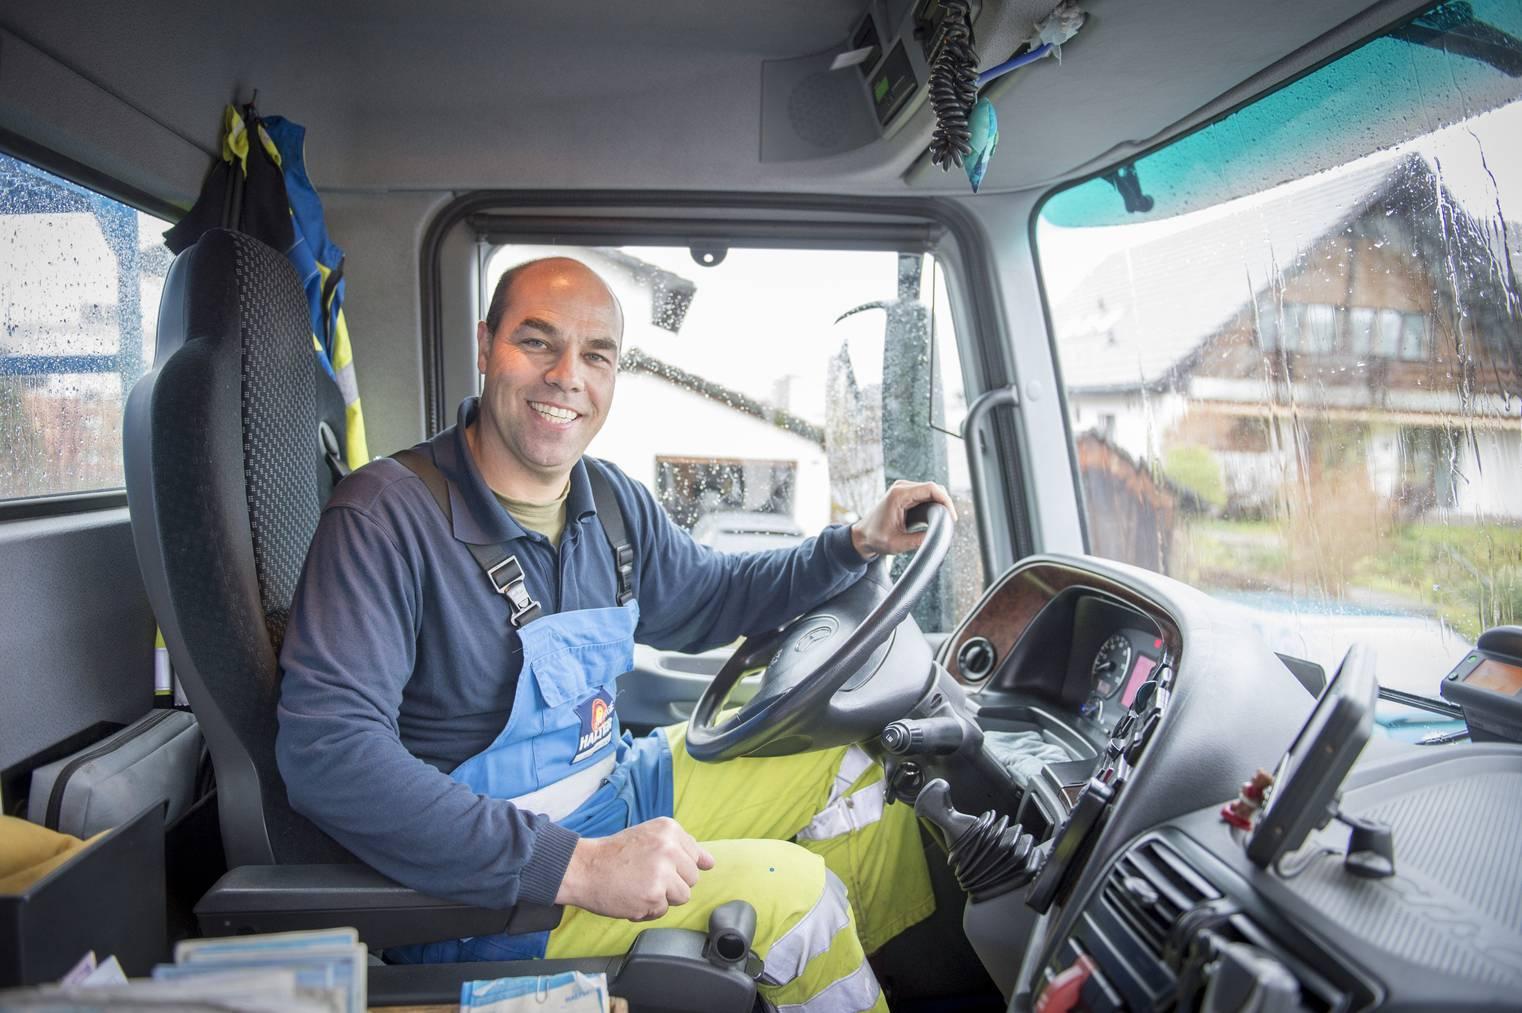 Daniel Braunwalder bei der Arbeit in Aktion. Bild: Urs Bucher / Tagblatt